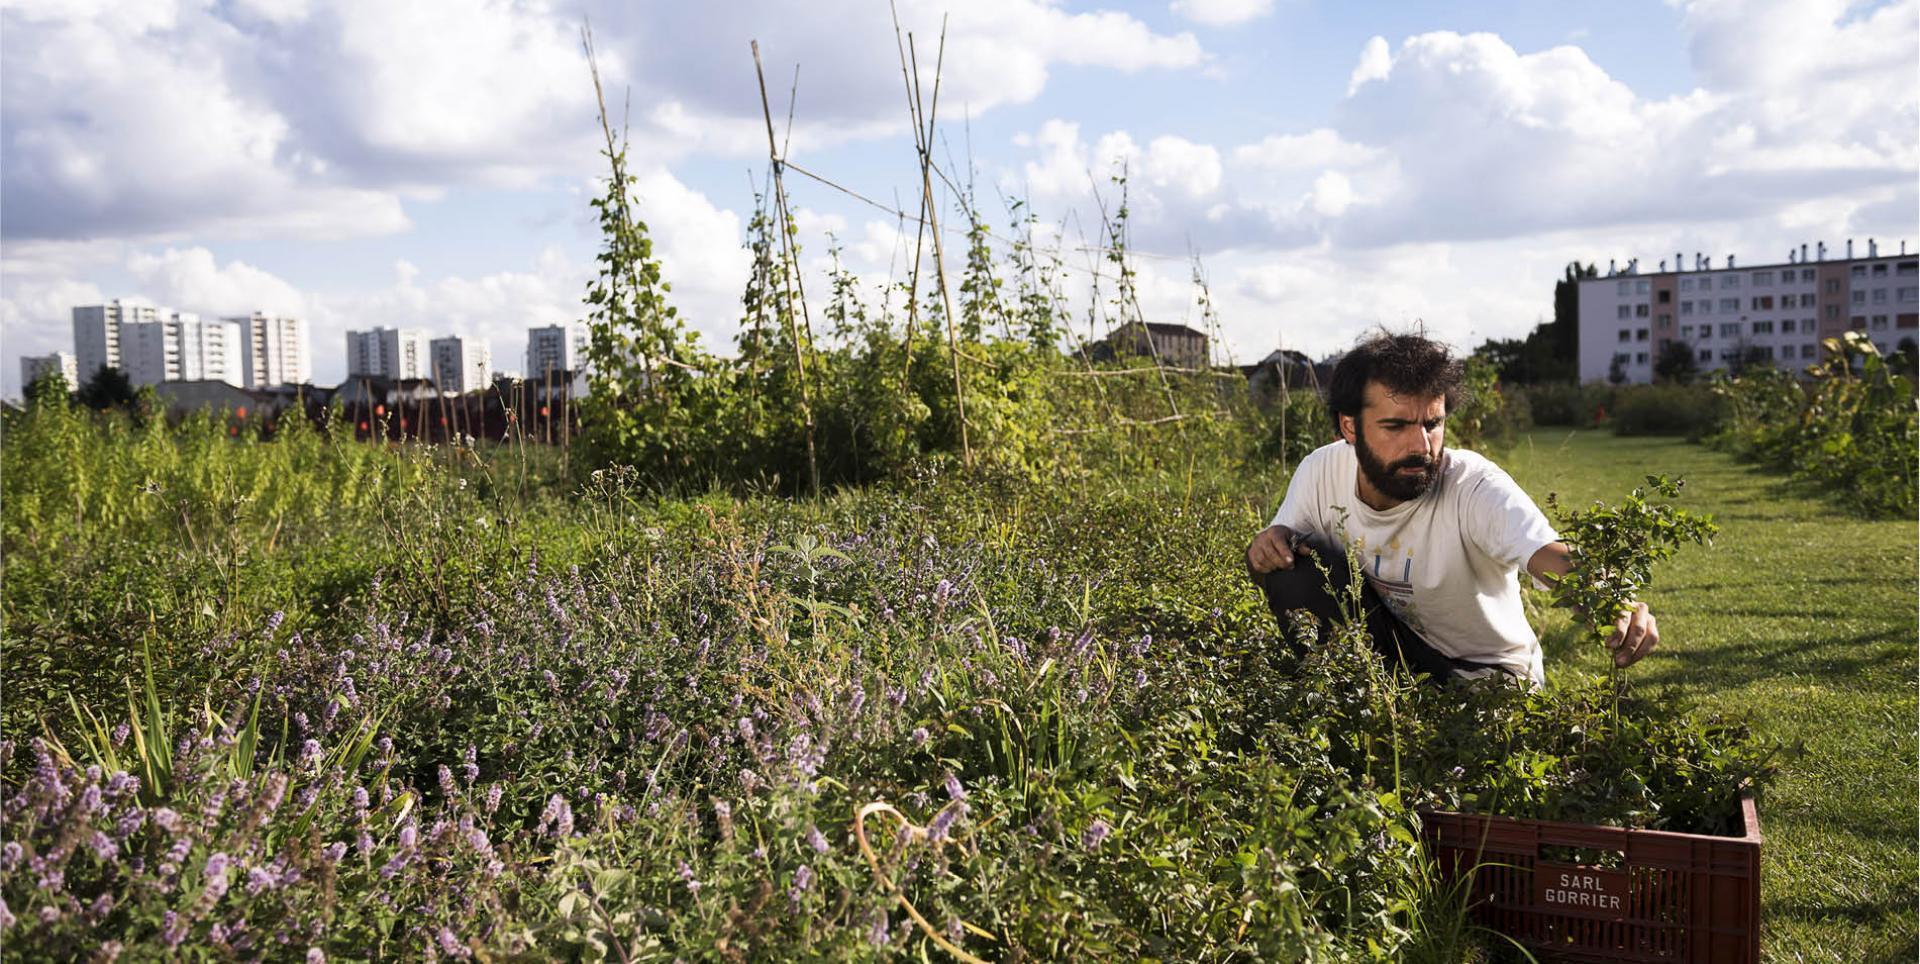 Visite de la ferme urbaine de Saint-Denis, Zone Sensible, désignée lauréate de l'appel à projets des Quartiers Fertiles